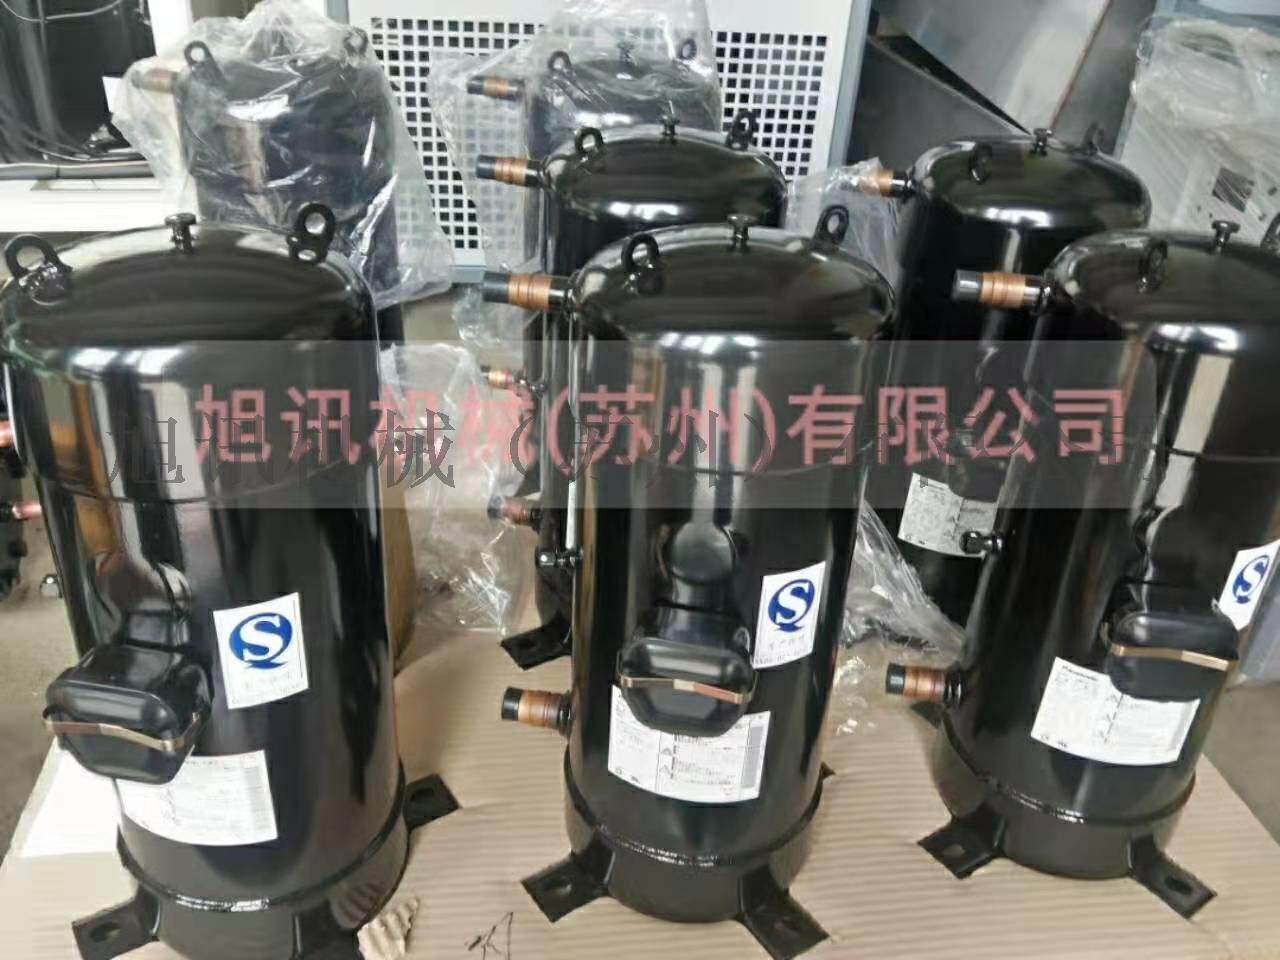 旭讯风冷冷水机 冷冻机组厂家  苏州小型冷水机厂家120366175